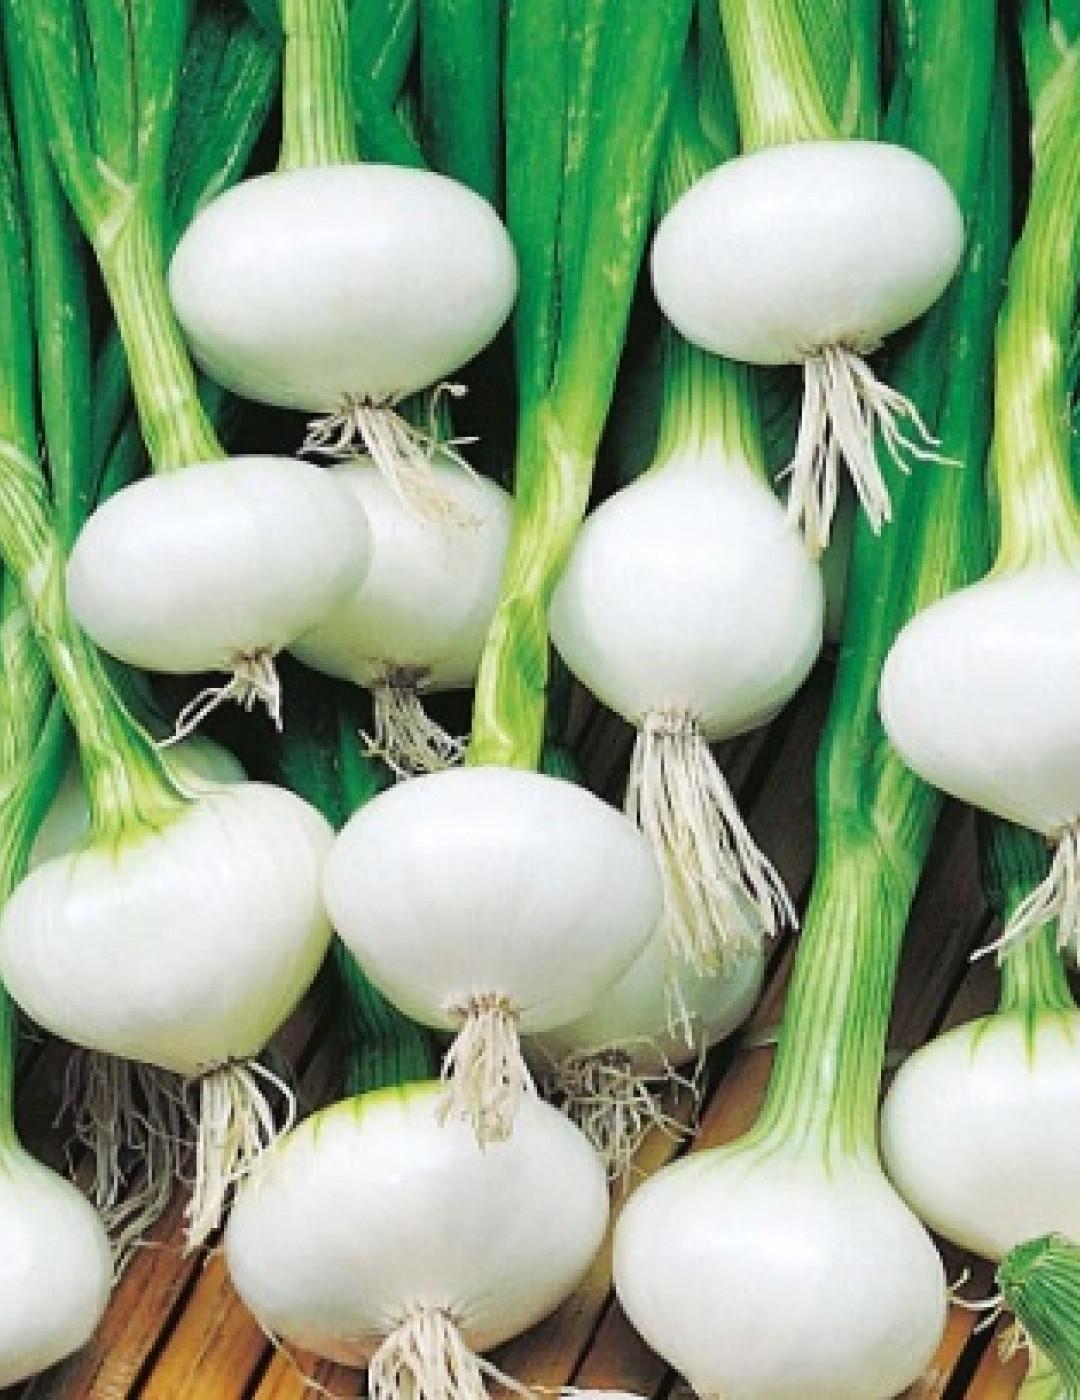 oignon blanc Image